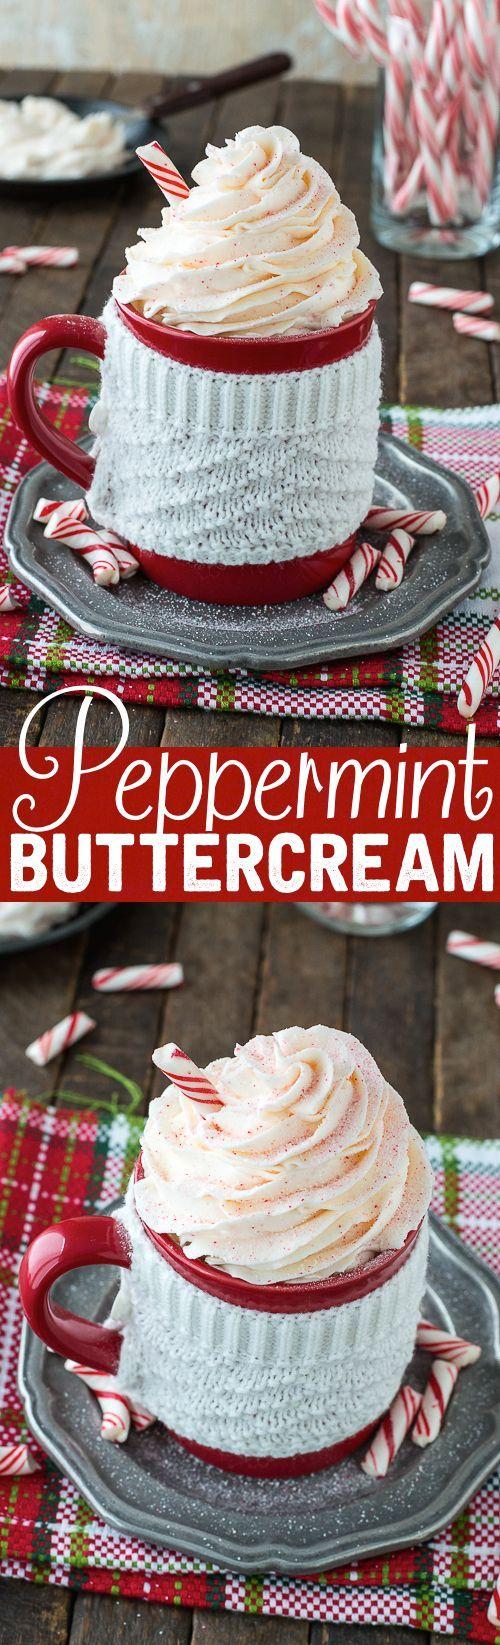 Peppermint Buttercream